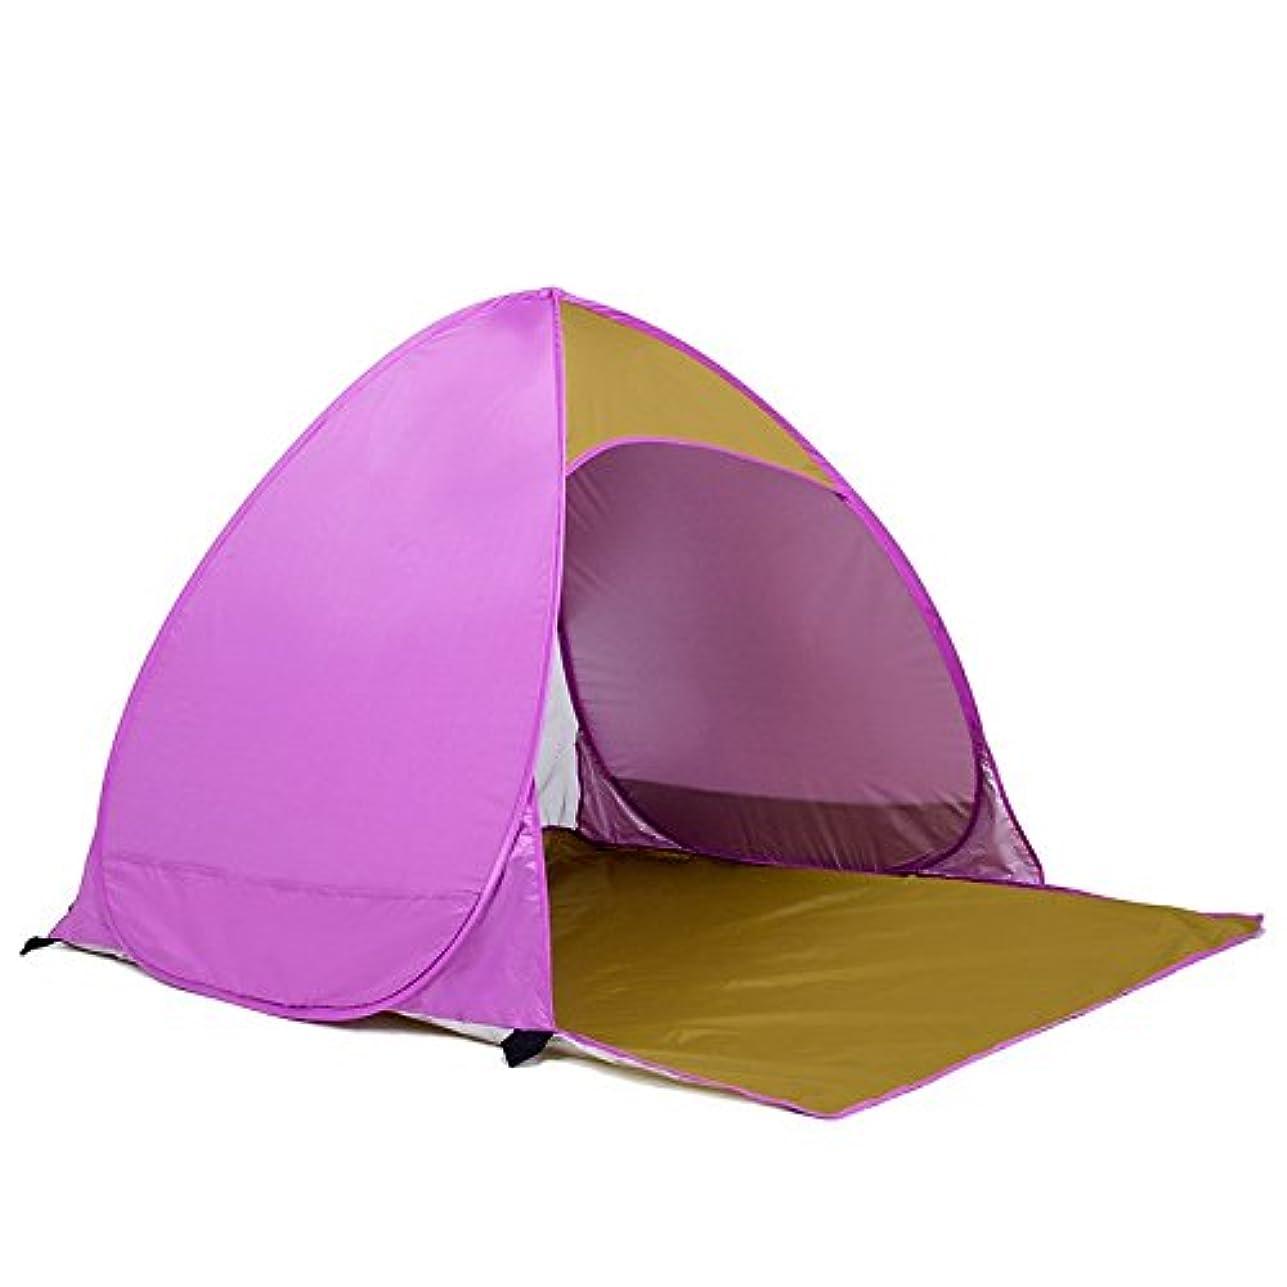 麻痺させる効果なしでHkkint 145 * 165 * 110センチ2人屋外キャンプテント野生の釣り防水と雨の紫外線高速キャンプ簡単にインストール (Color : 3)